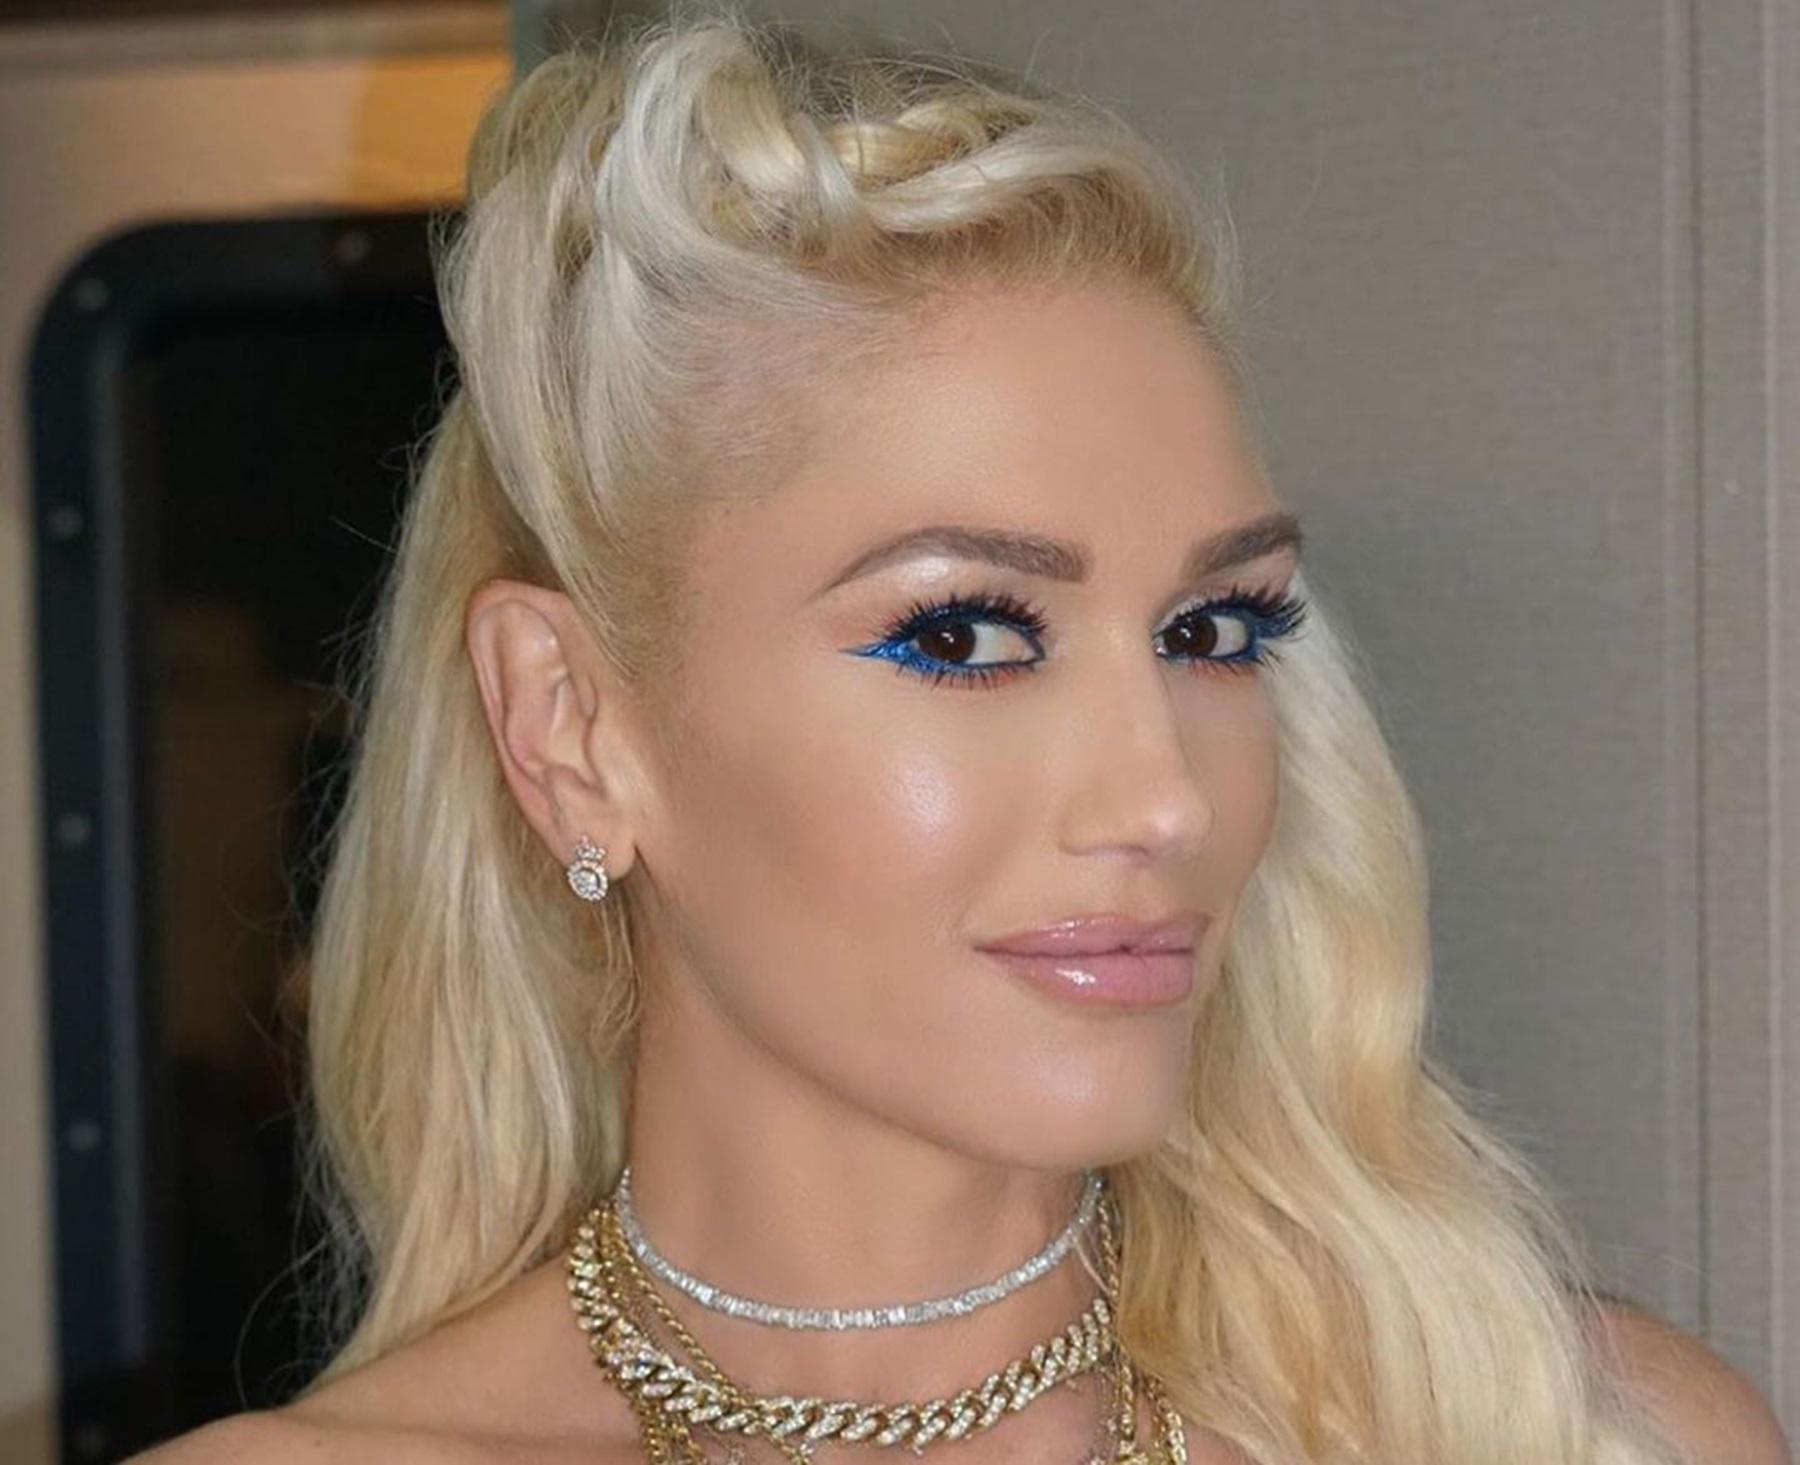 Gwen Stefani Blake Shelton The Voice